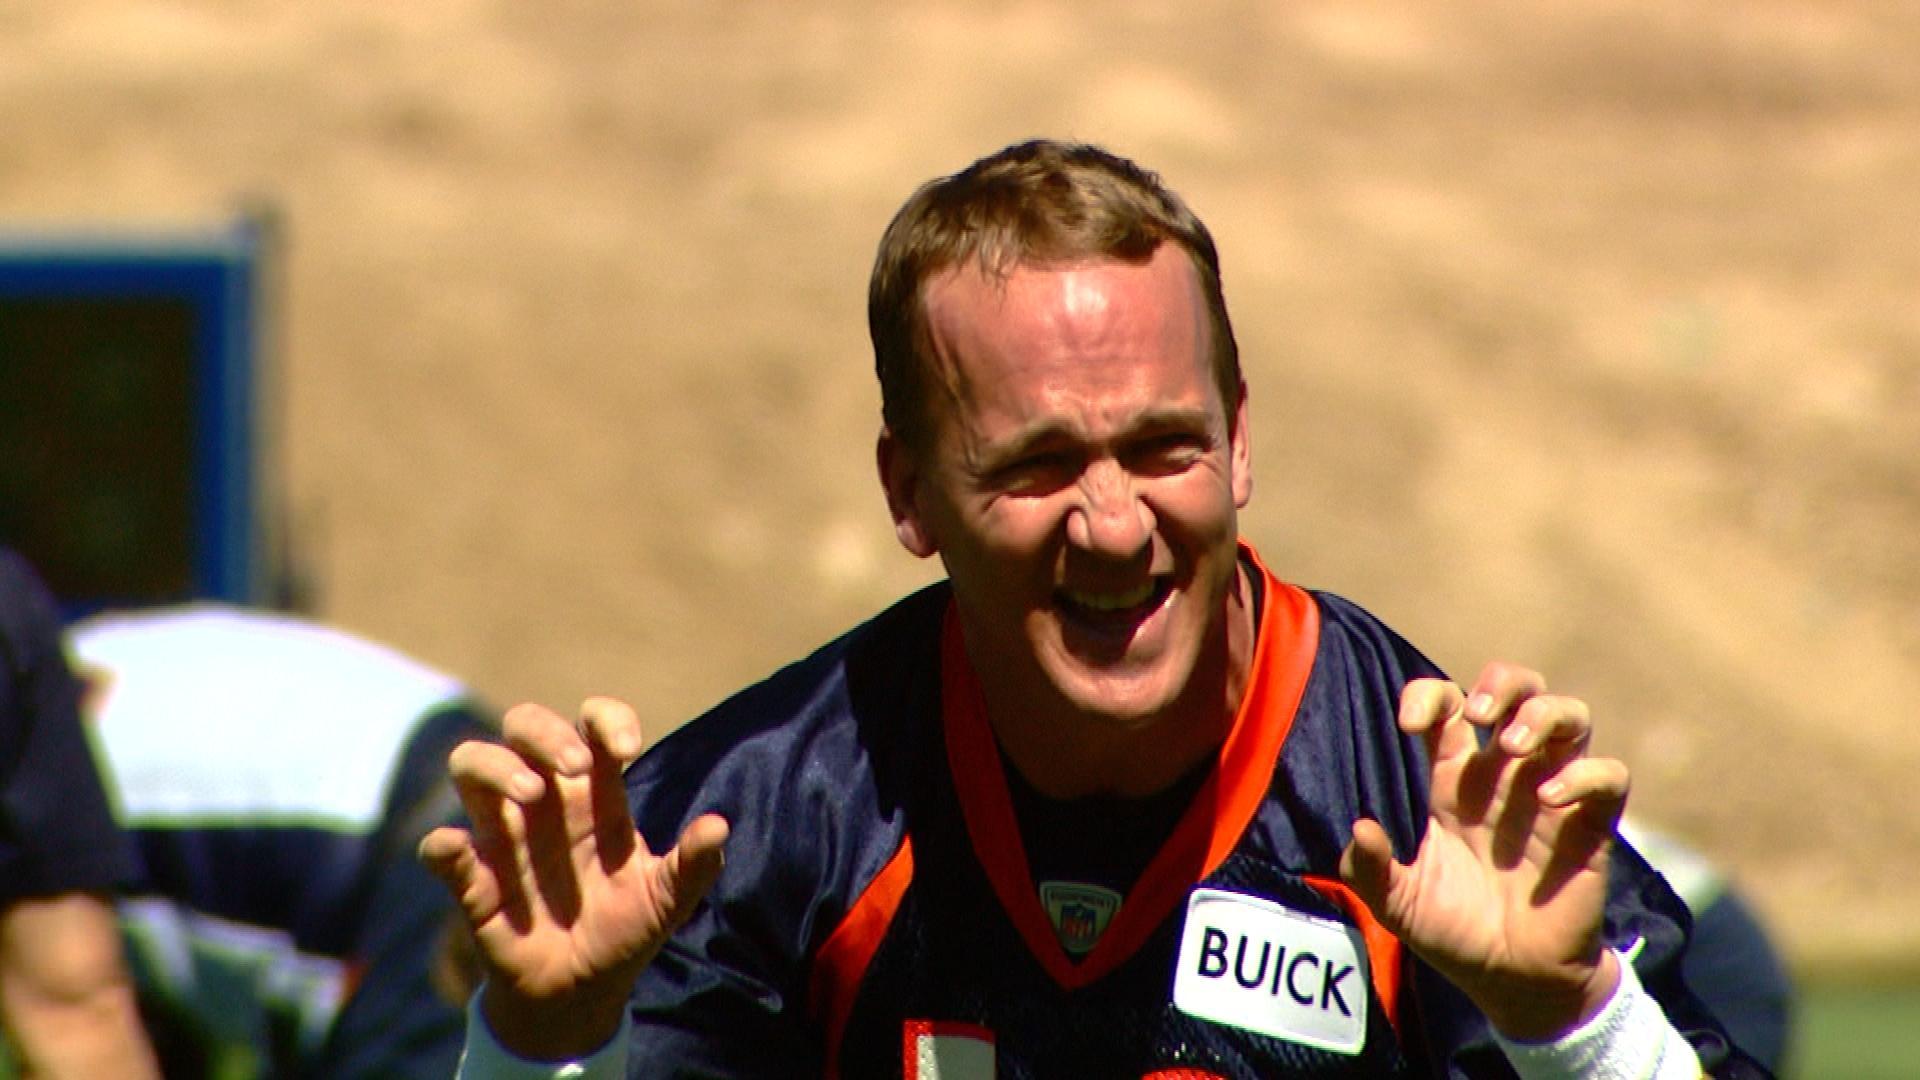 Peyton Manning during practice (credit: CBS)